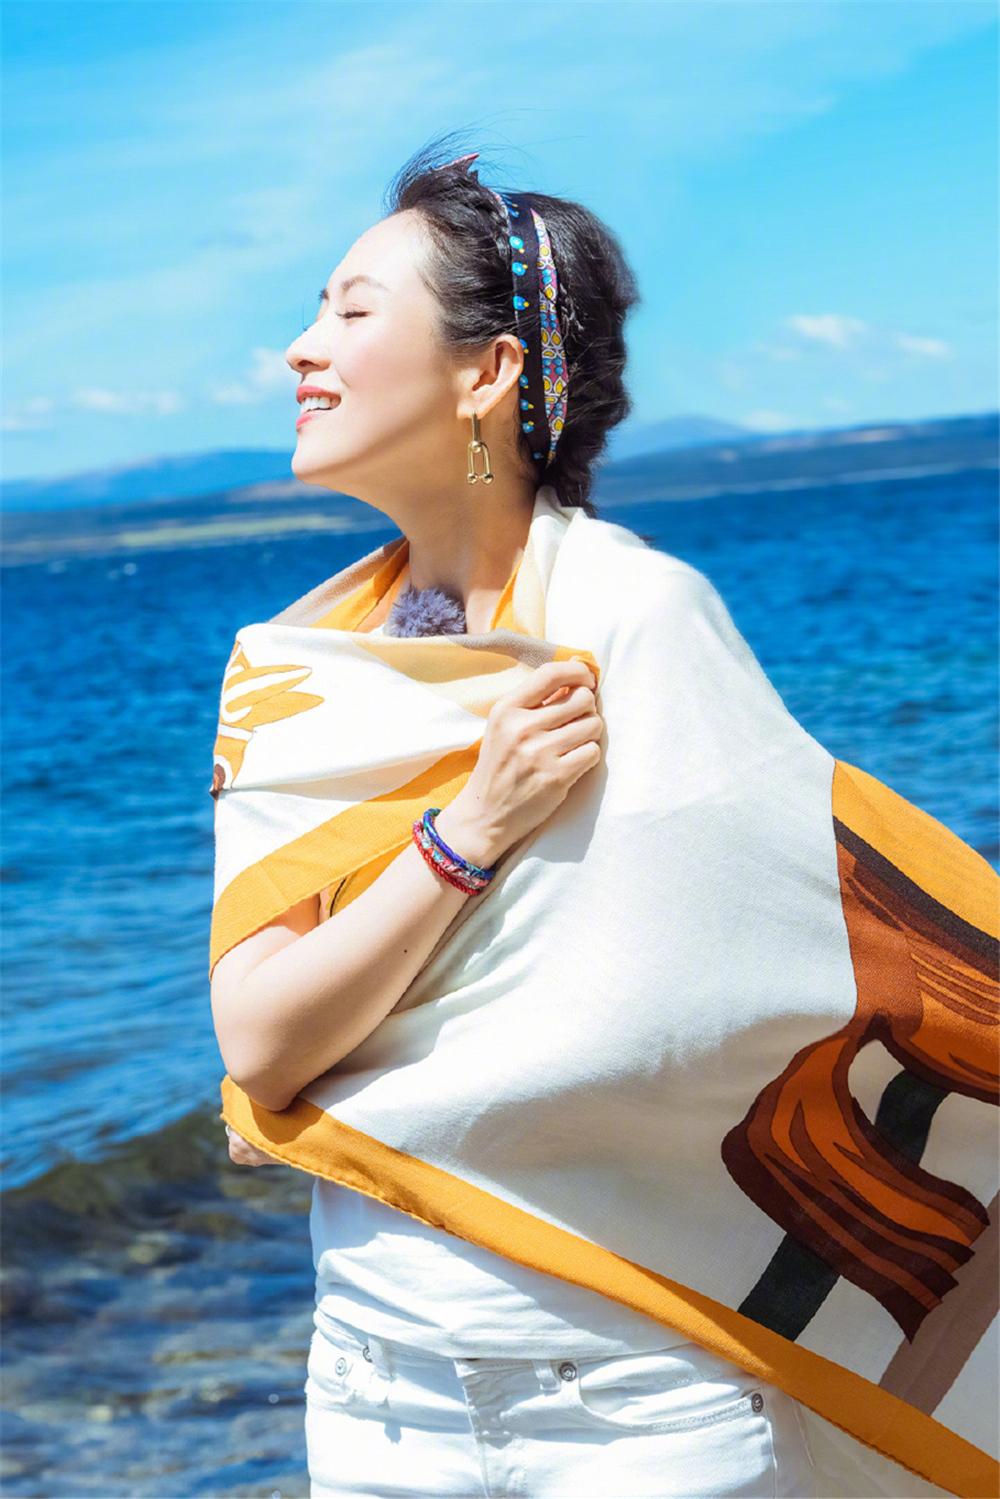 章子怡的游客照堪称阿姨辈的典范!戴花丝巾照样高级,气质是真好 时尚头条 第6张